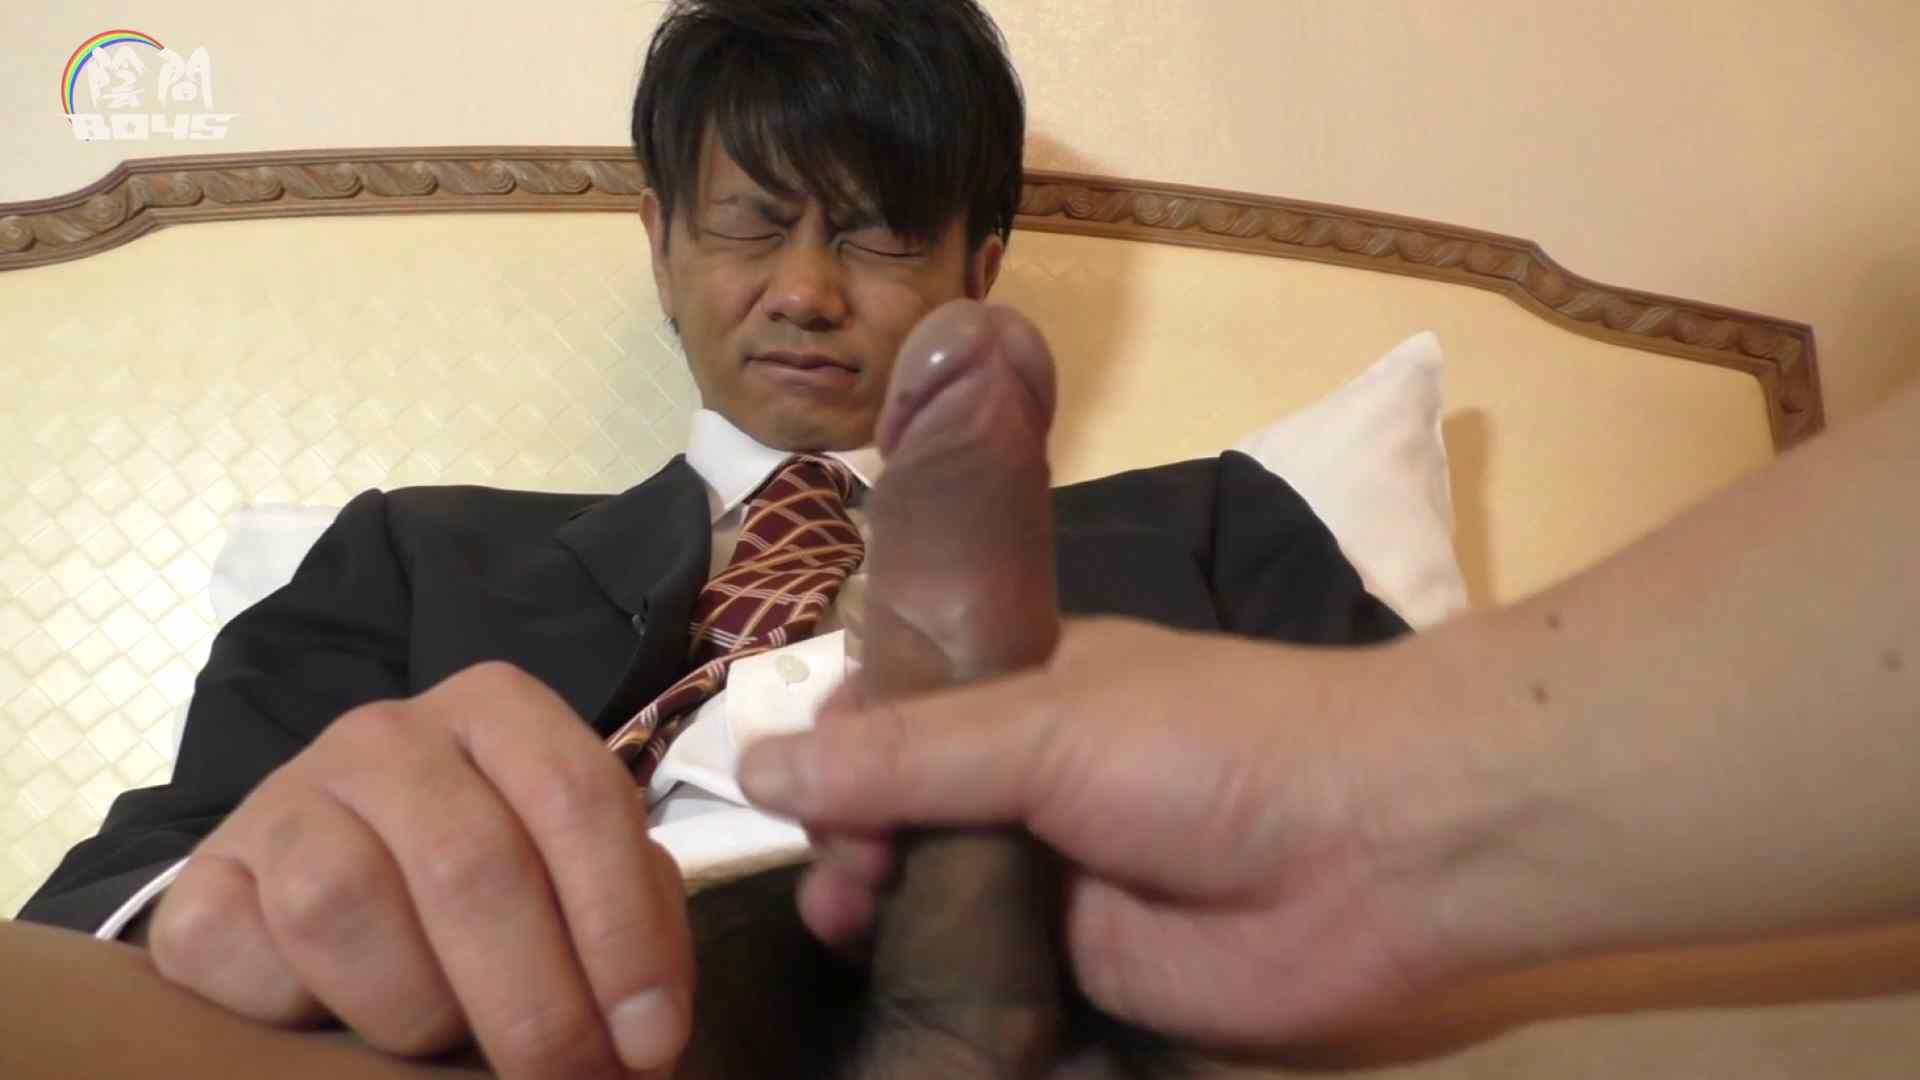 陰間BOYS~キャバクラの仕事はアナルから4 Vol.02 エッチ ゲイヌード画像 105枚 54